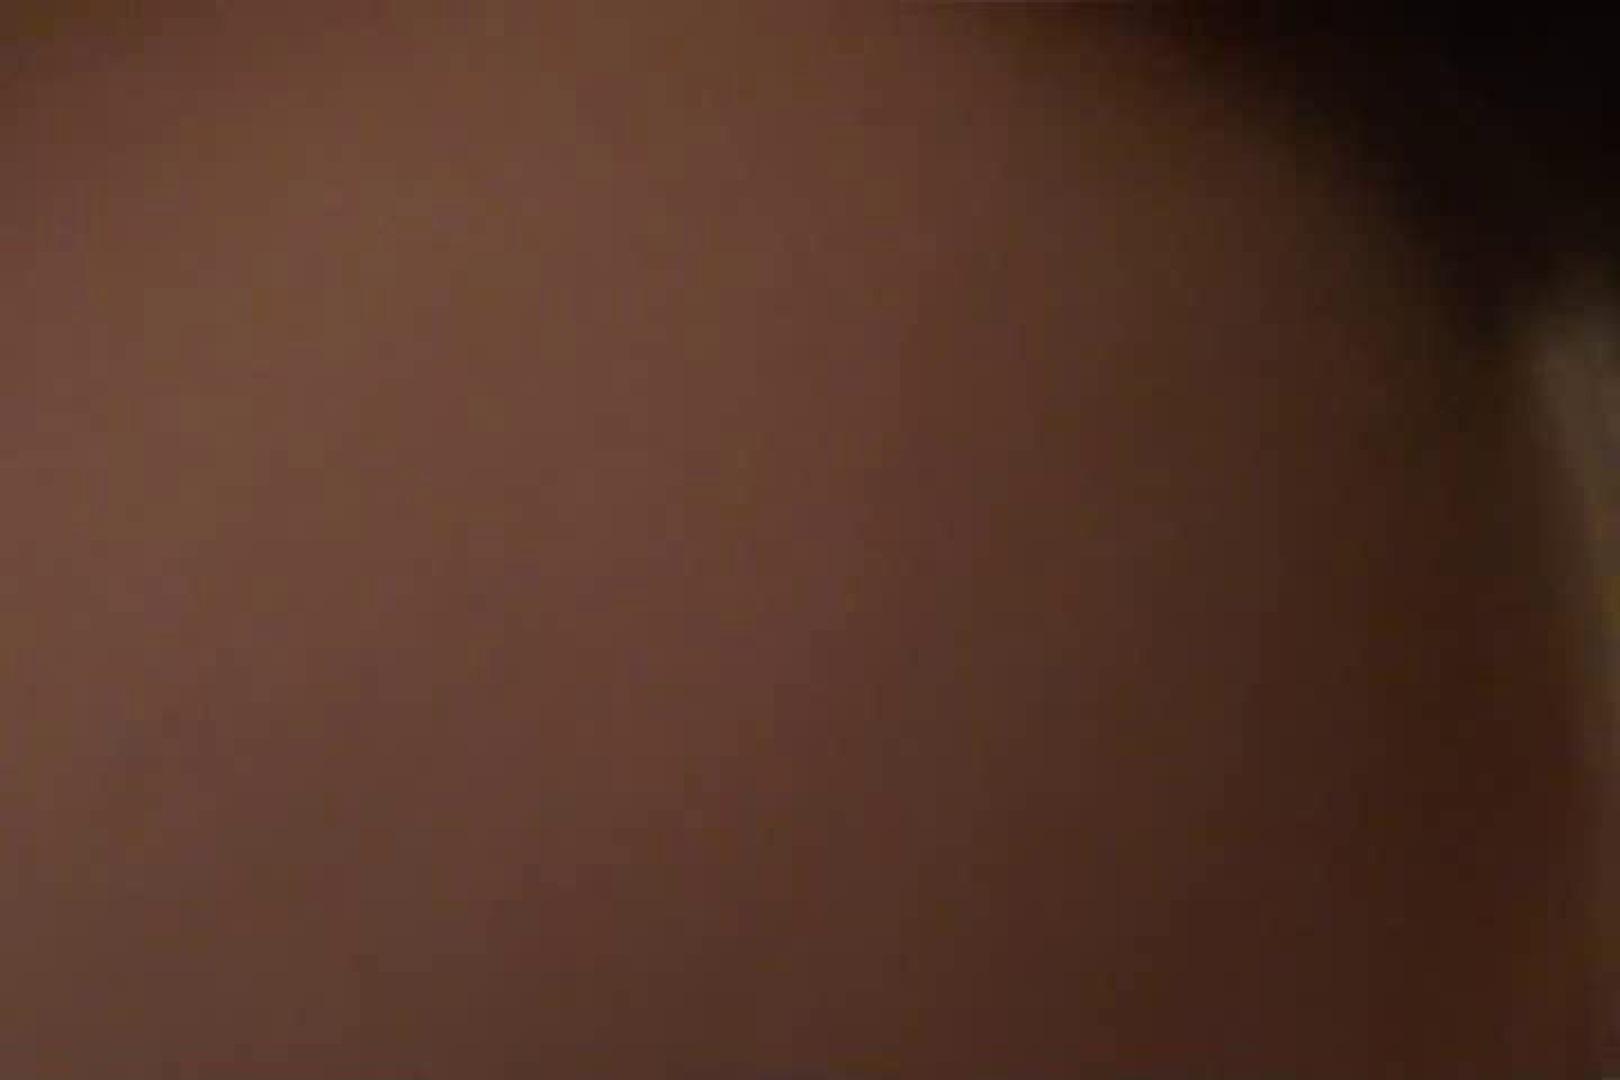 独占配信! ●罪証拠DVD 起きません! vol.07 エロいOL 盗撮画像 100枚